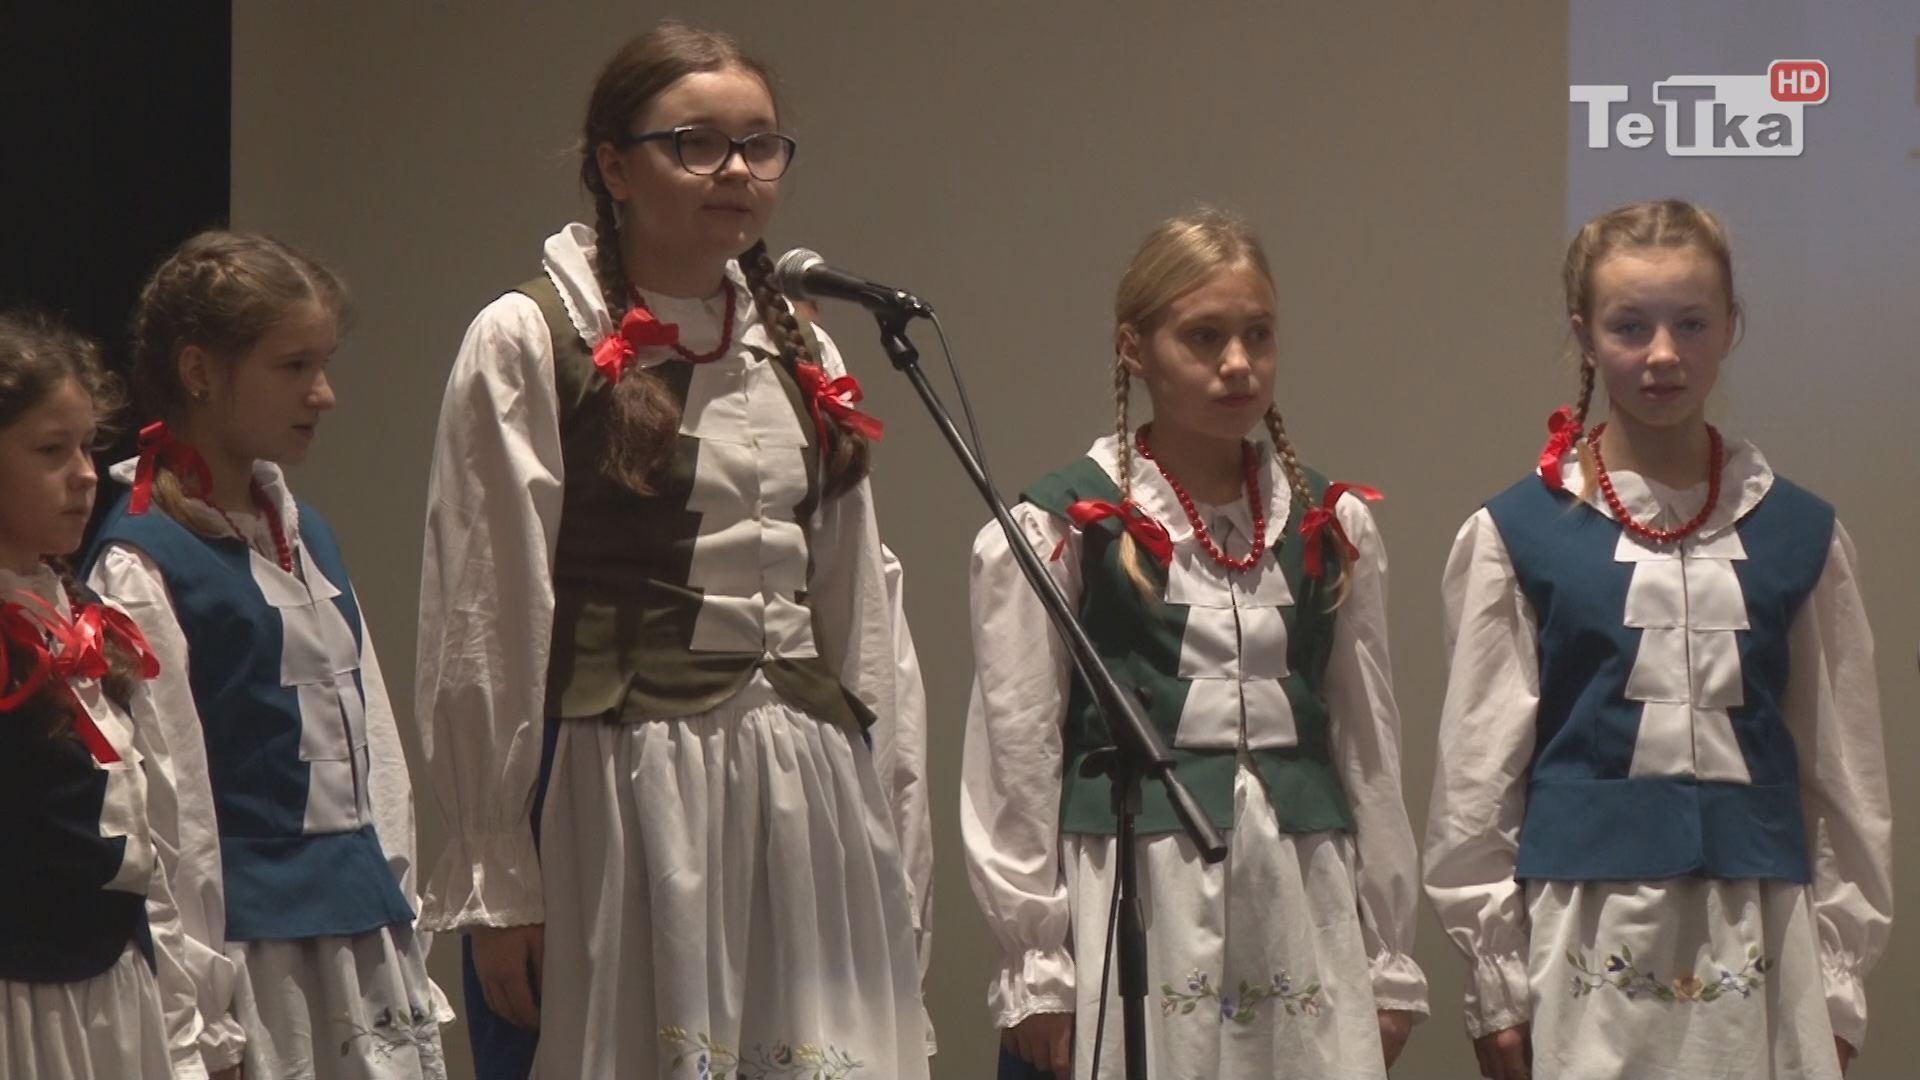 festiwal twórczości kociewskiej